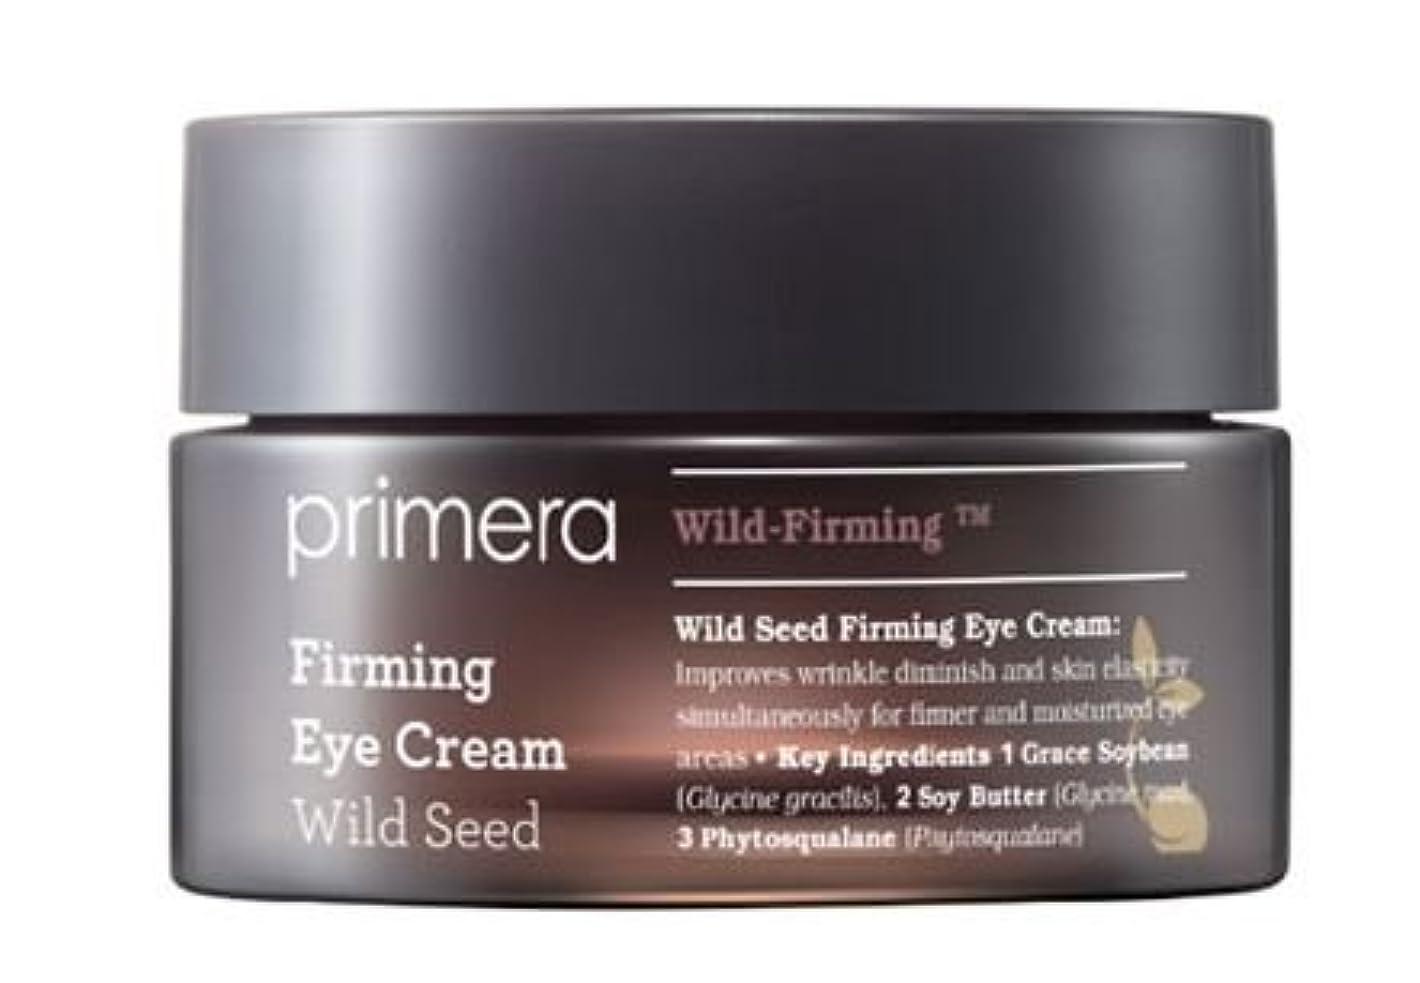 ありふれた一元化する複合[Primera] Wild Seed Firming Eye Cream 25ml/[プリメーラ] ワイルドシードファーミングアイクリーム 25ml [並行輸入品]